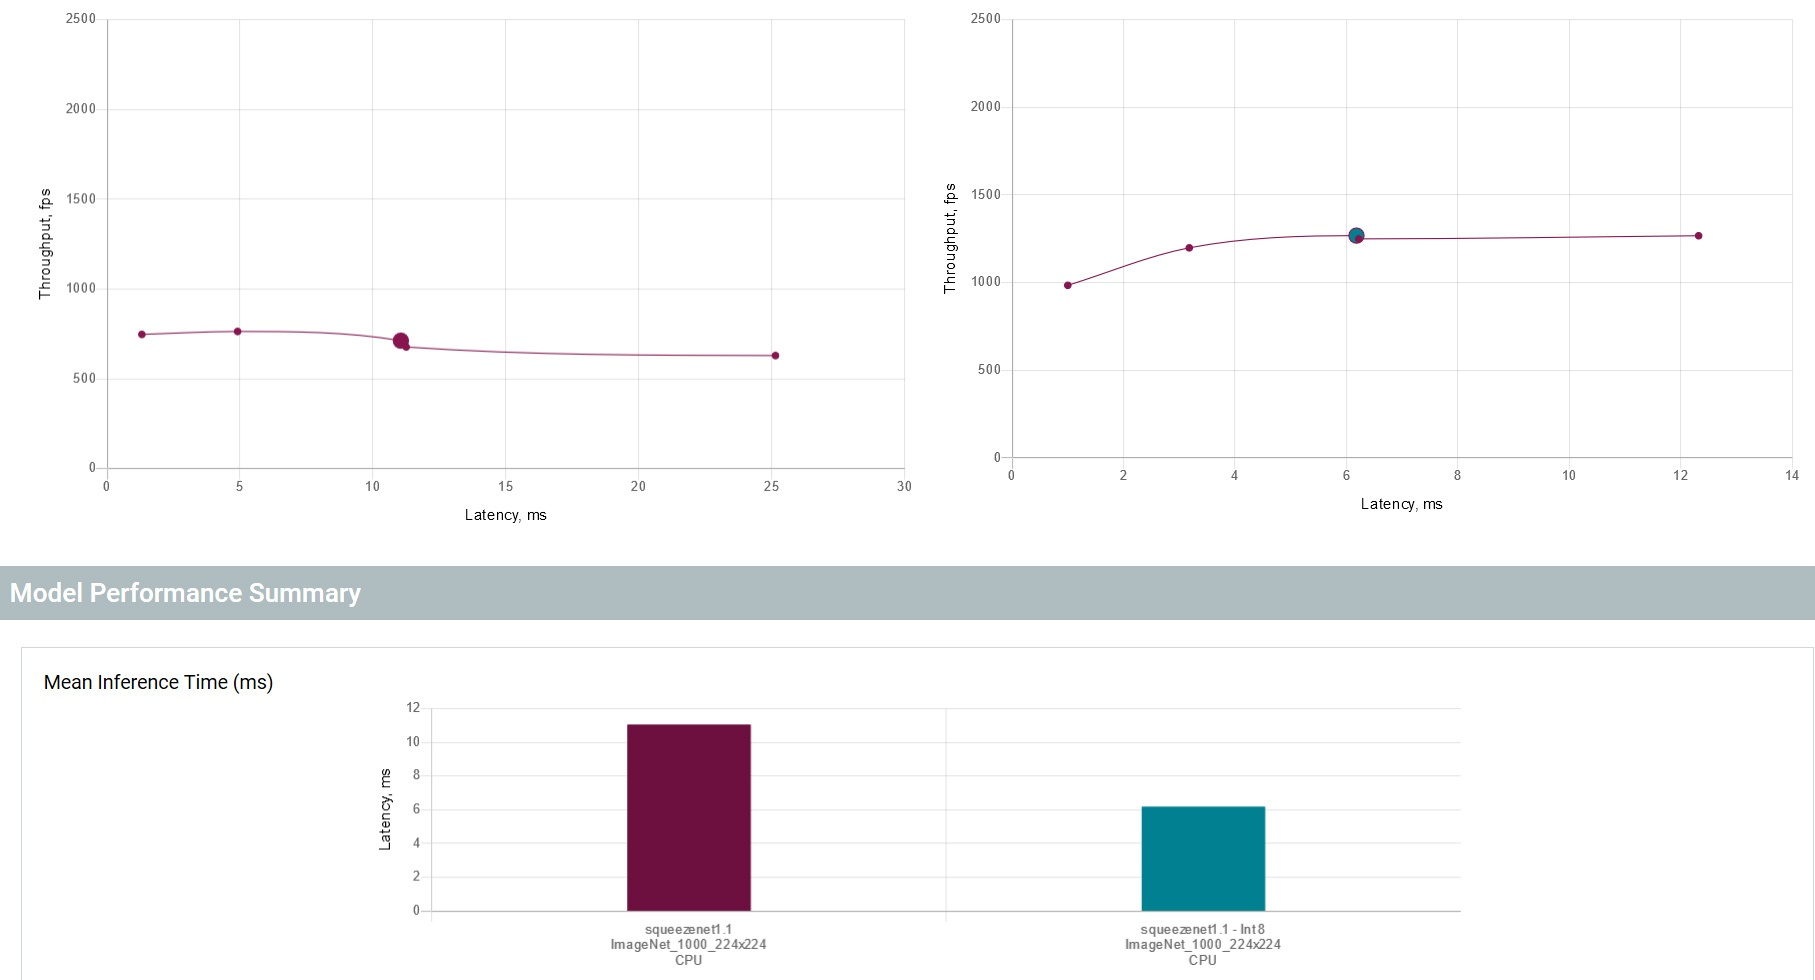 図 4. 最適化されたモデルとオリジナルのモデルのパフォーマンス比較